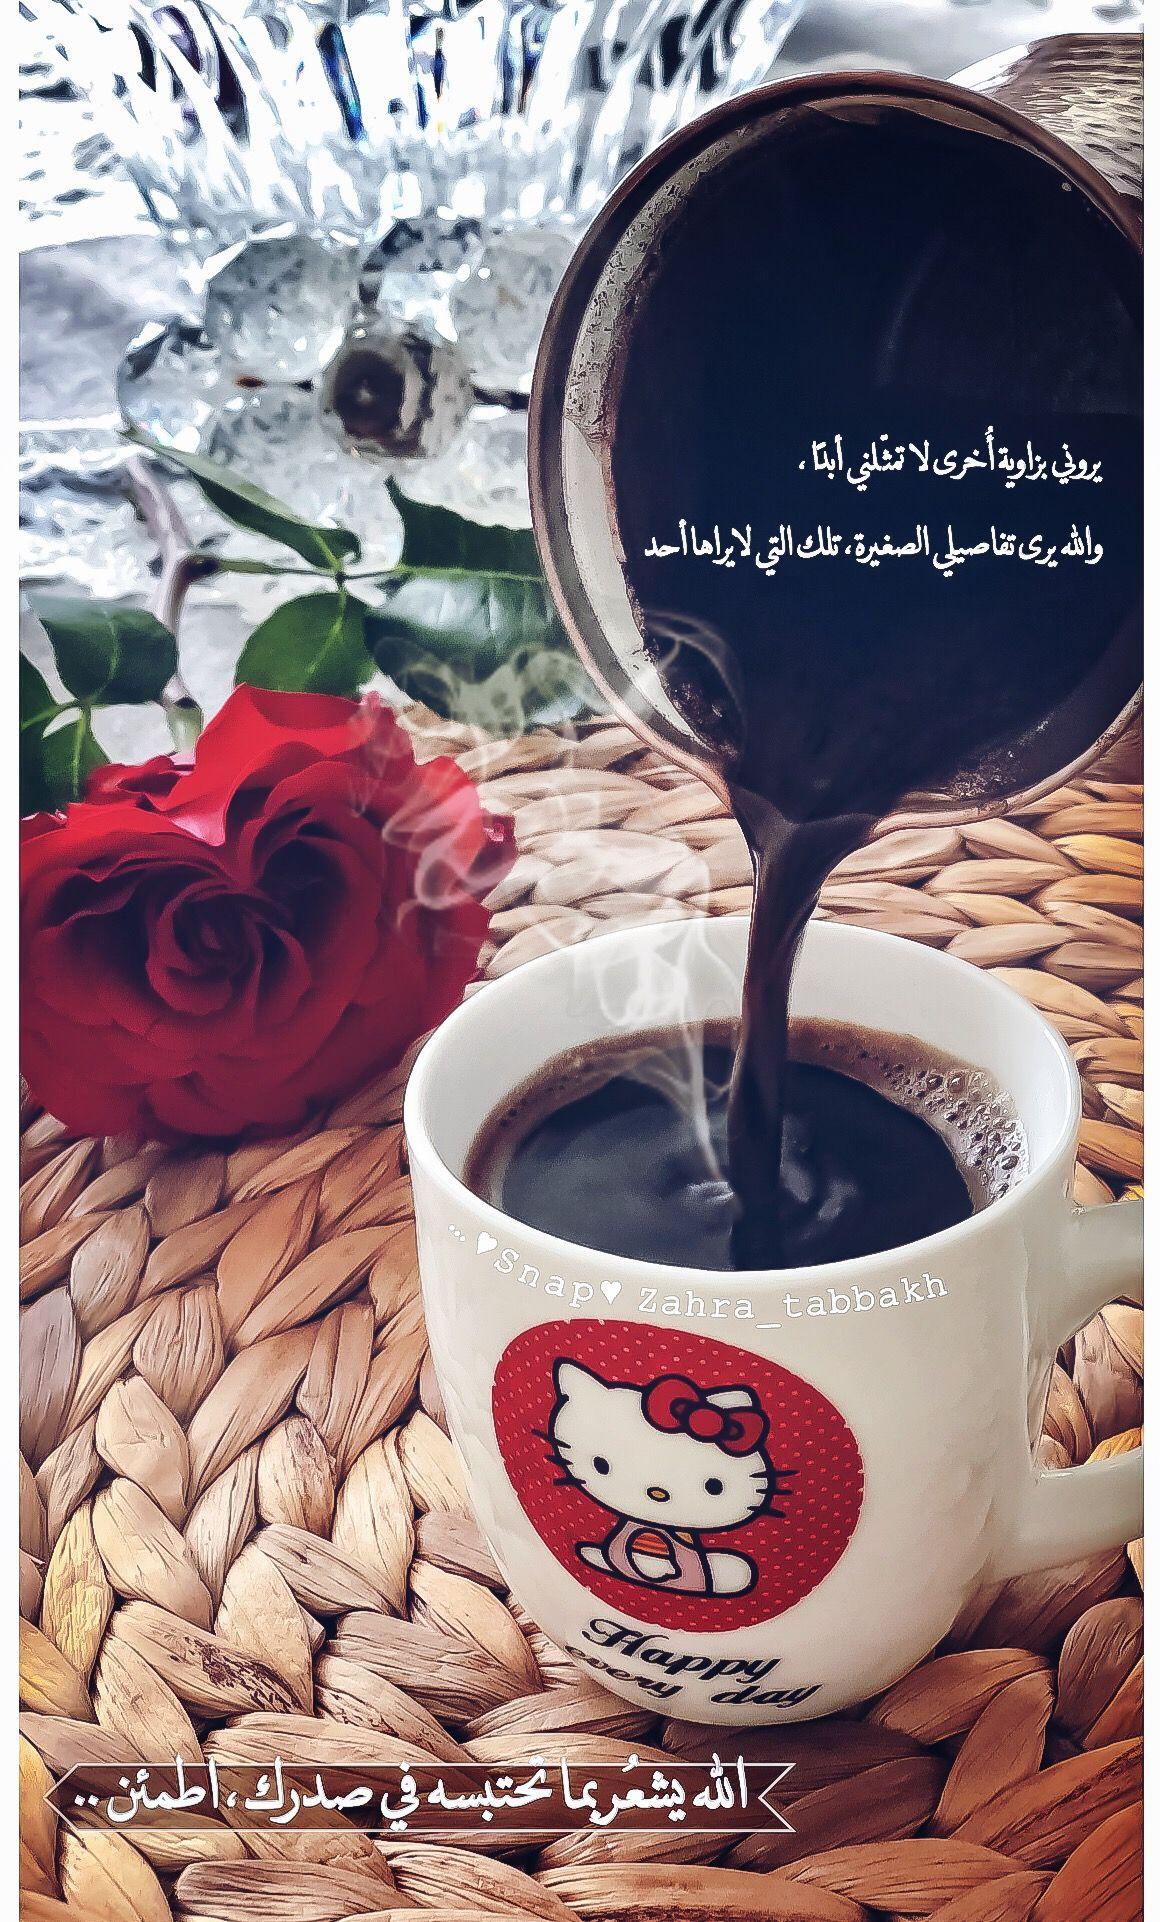 قهوتي قهوة صباحالخير صباحالورد سنابات اقتباسات بيسيات دعاء جمعةمباركة جمعة صباحات صباح سنابي سناب Coffee Photography Coffee Love Coffee Lover